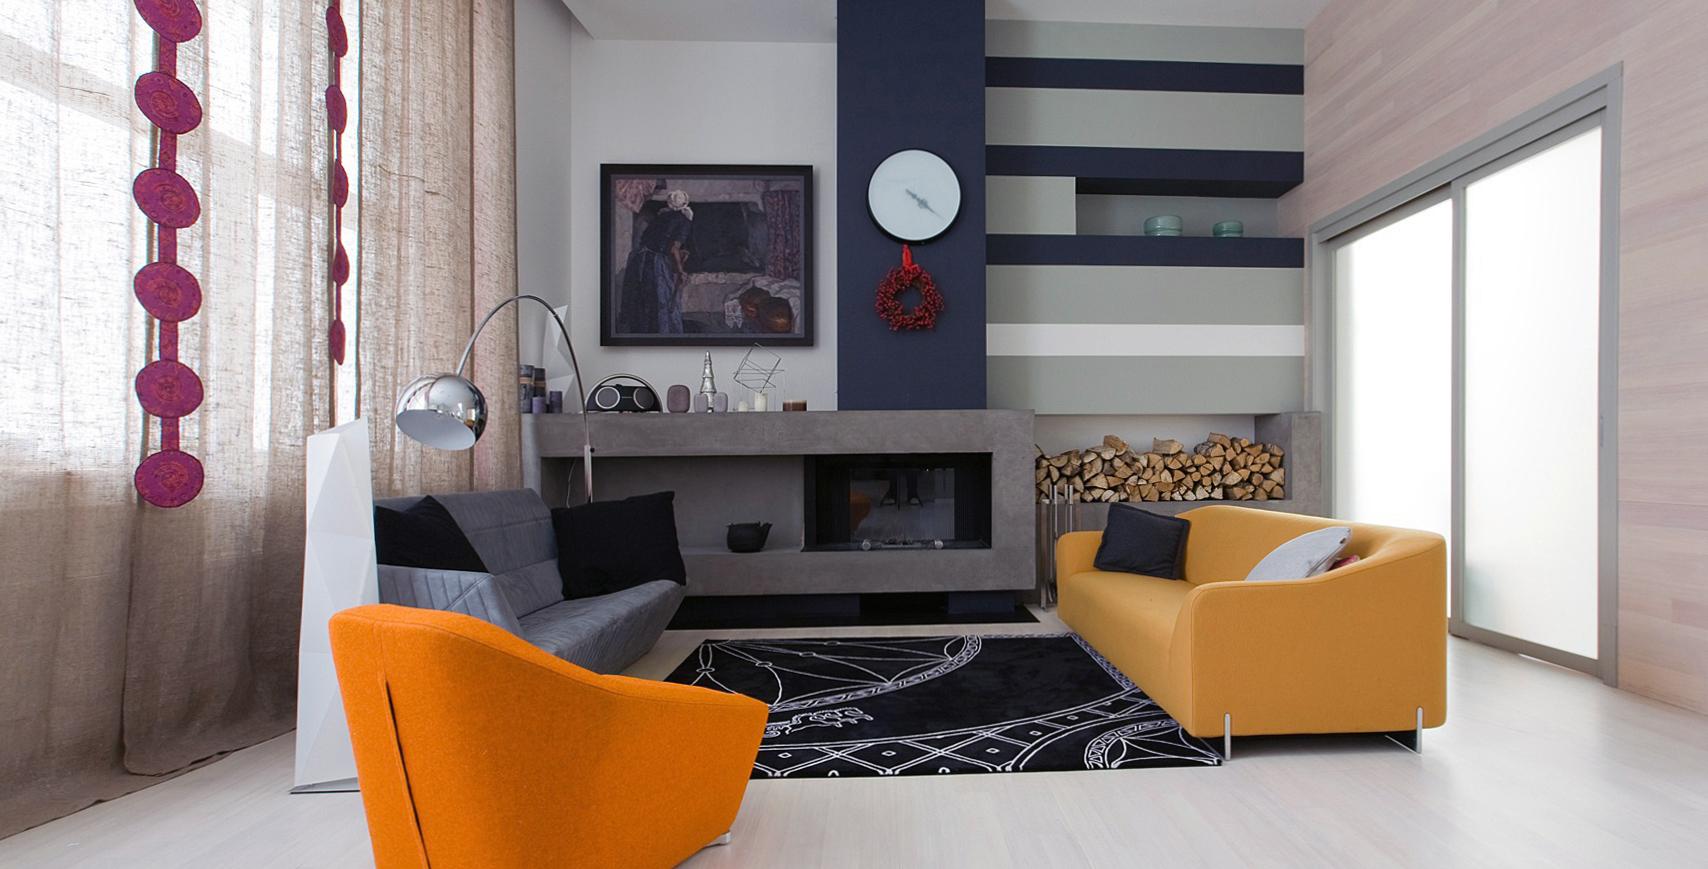 Ламинат и краска в отделке гостиной в стиле конструктивизм